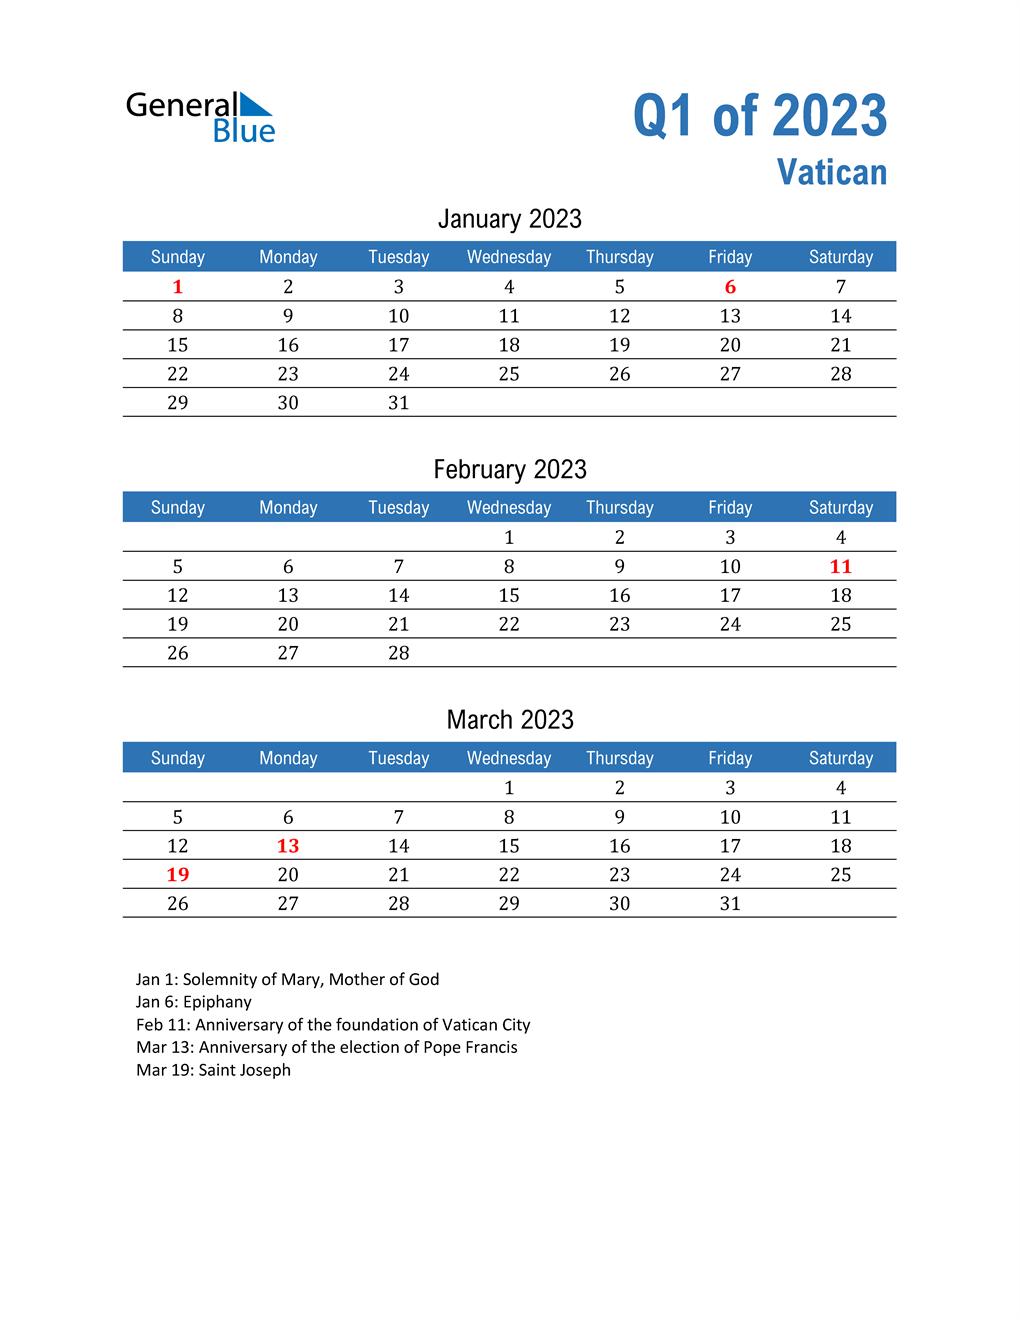 Vatican 2023 Quarterly Calendar